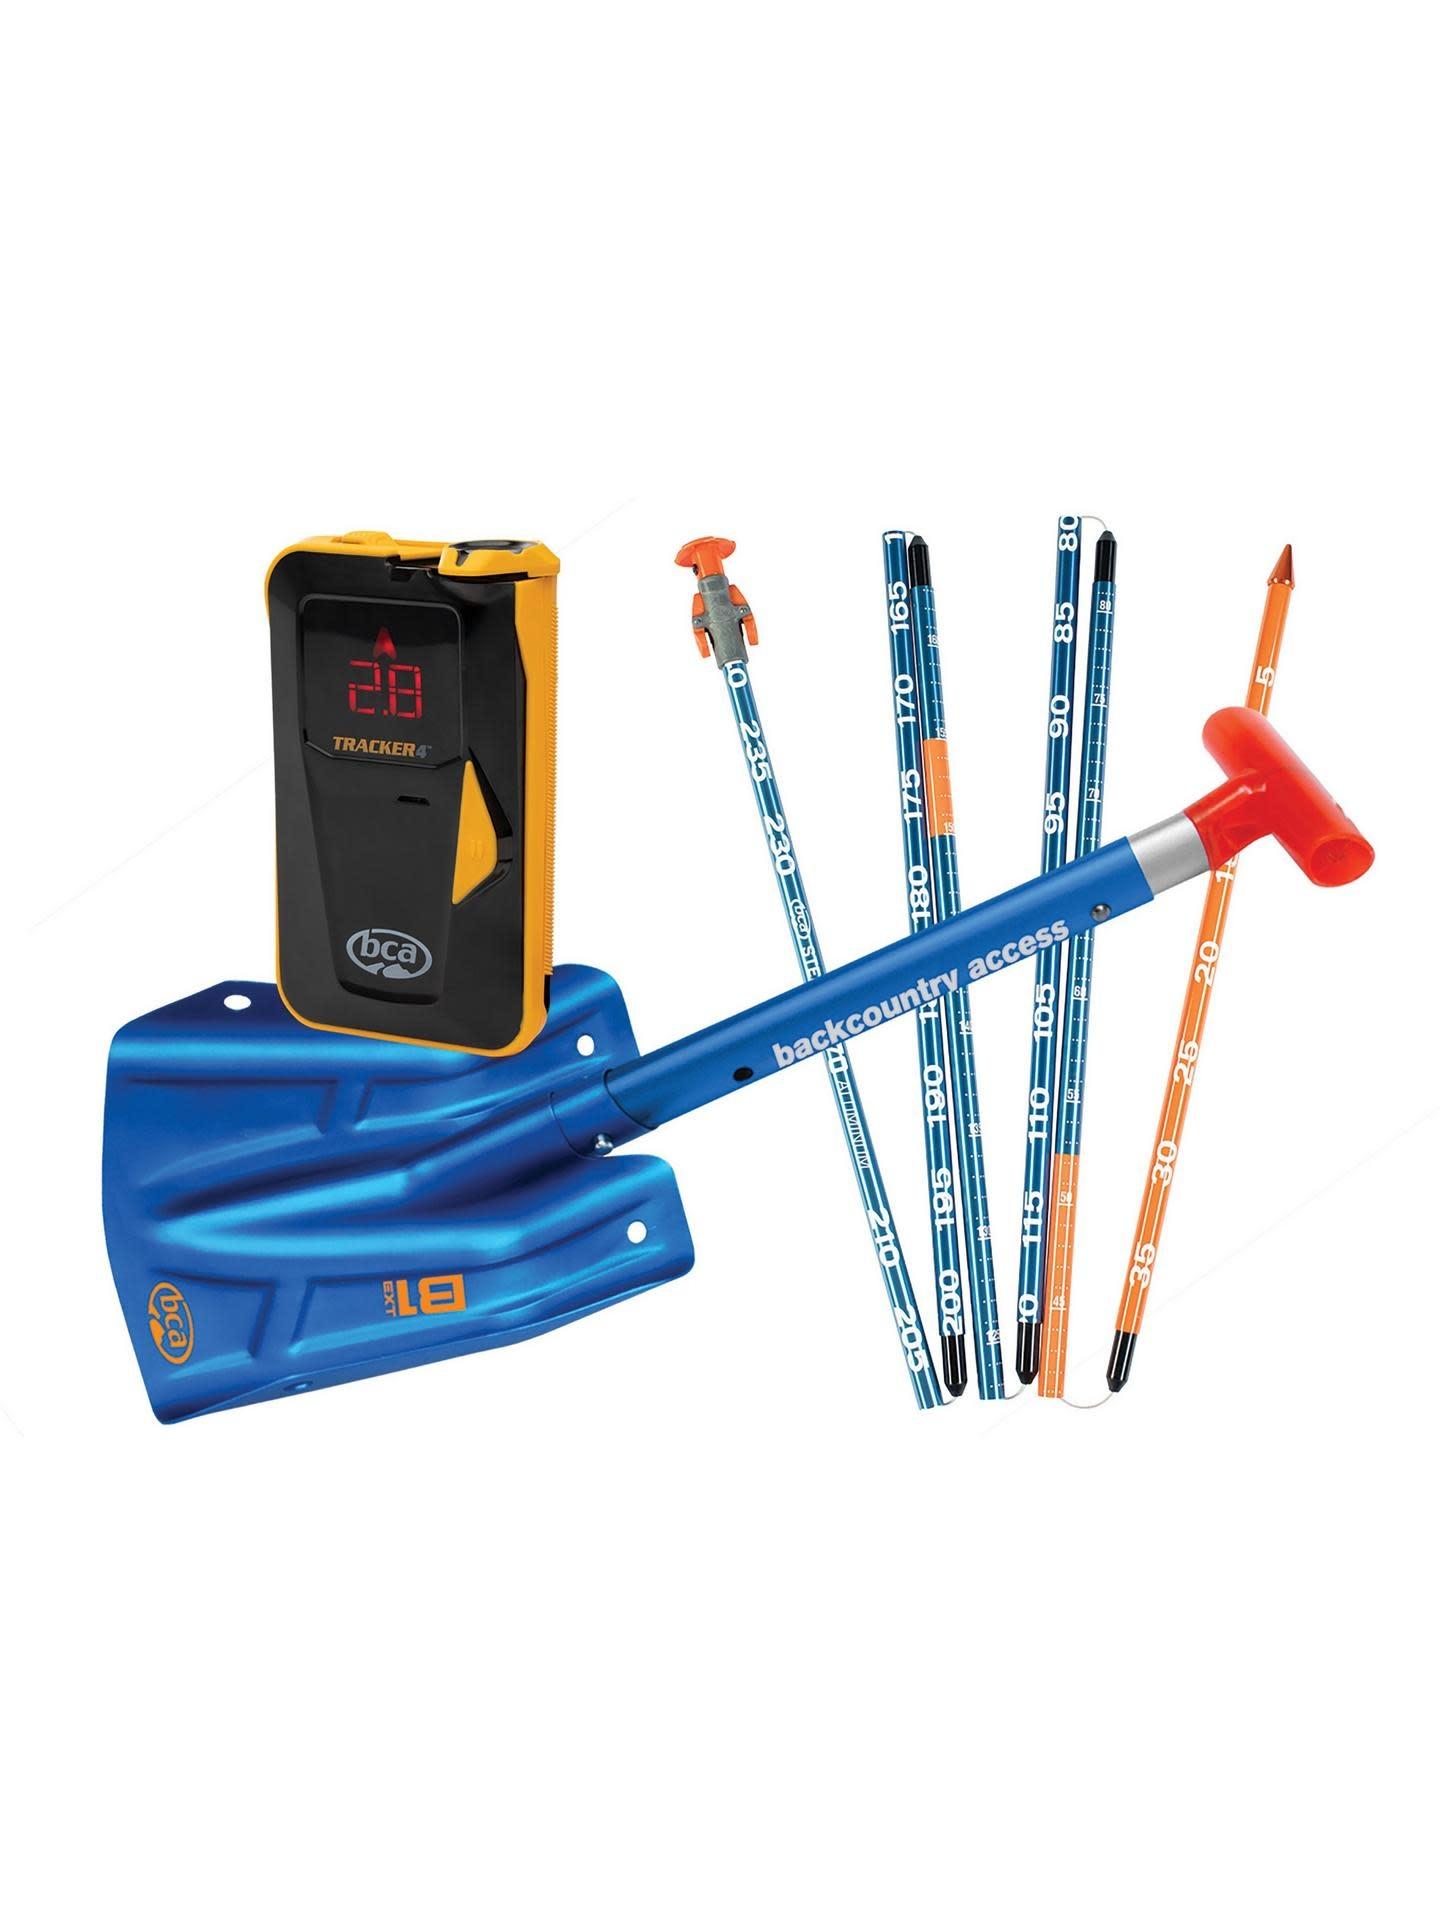 BCA BCA Tracker 4 Avalanche Rescue Kit